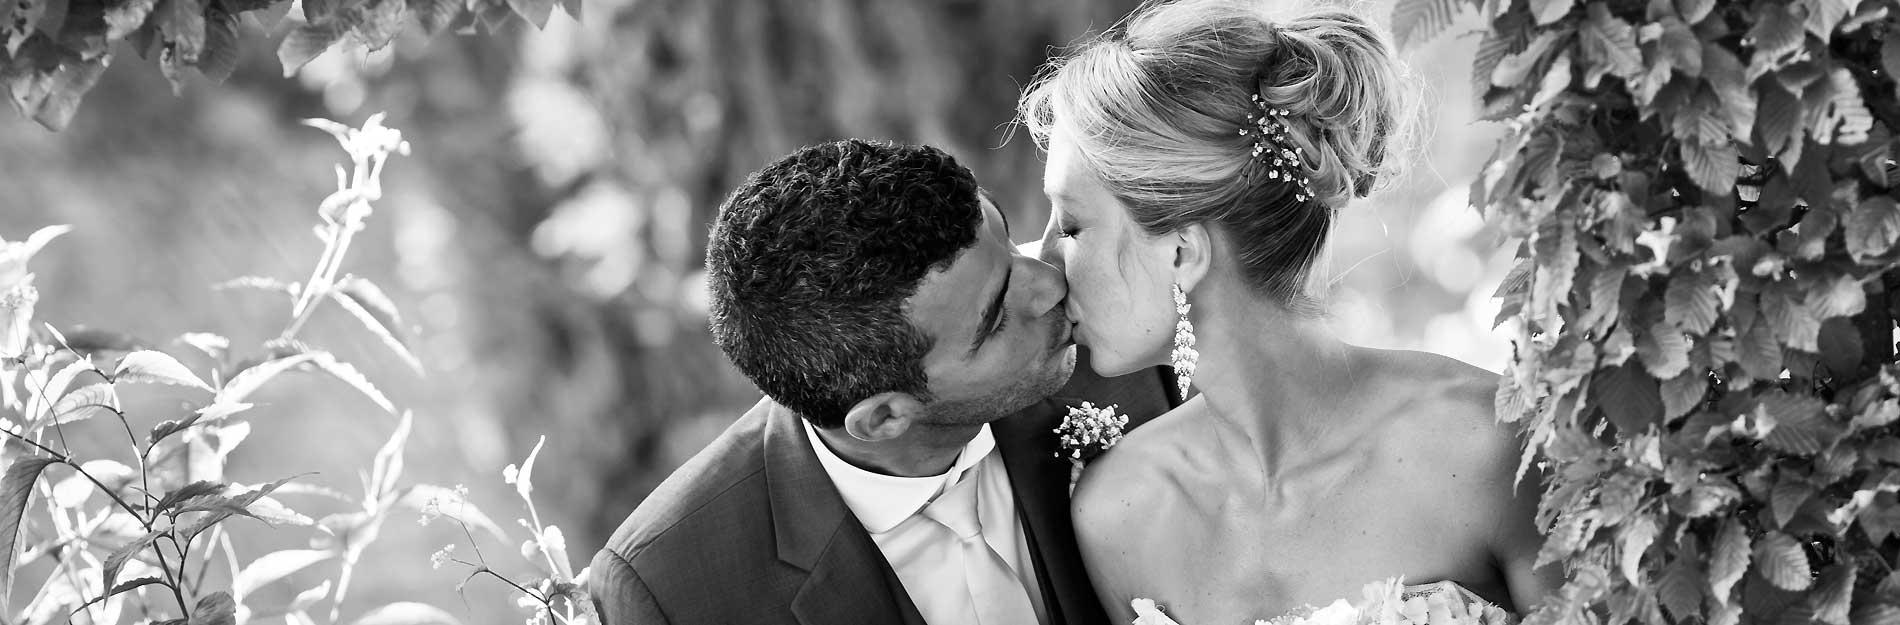 Mariage juif et mariage catholique